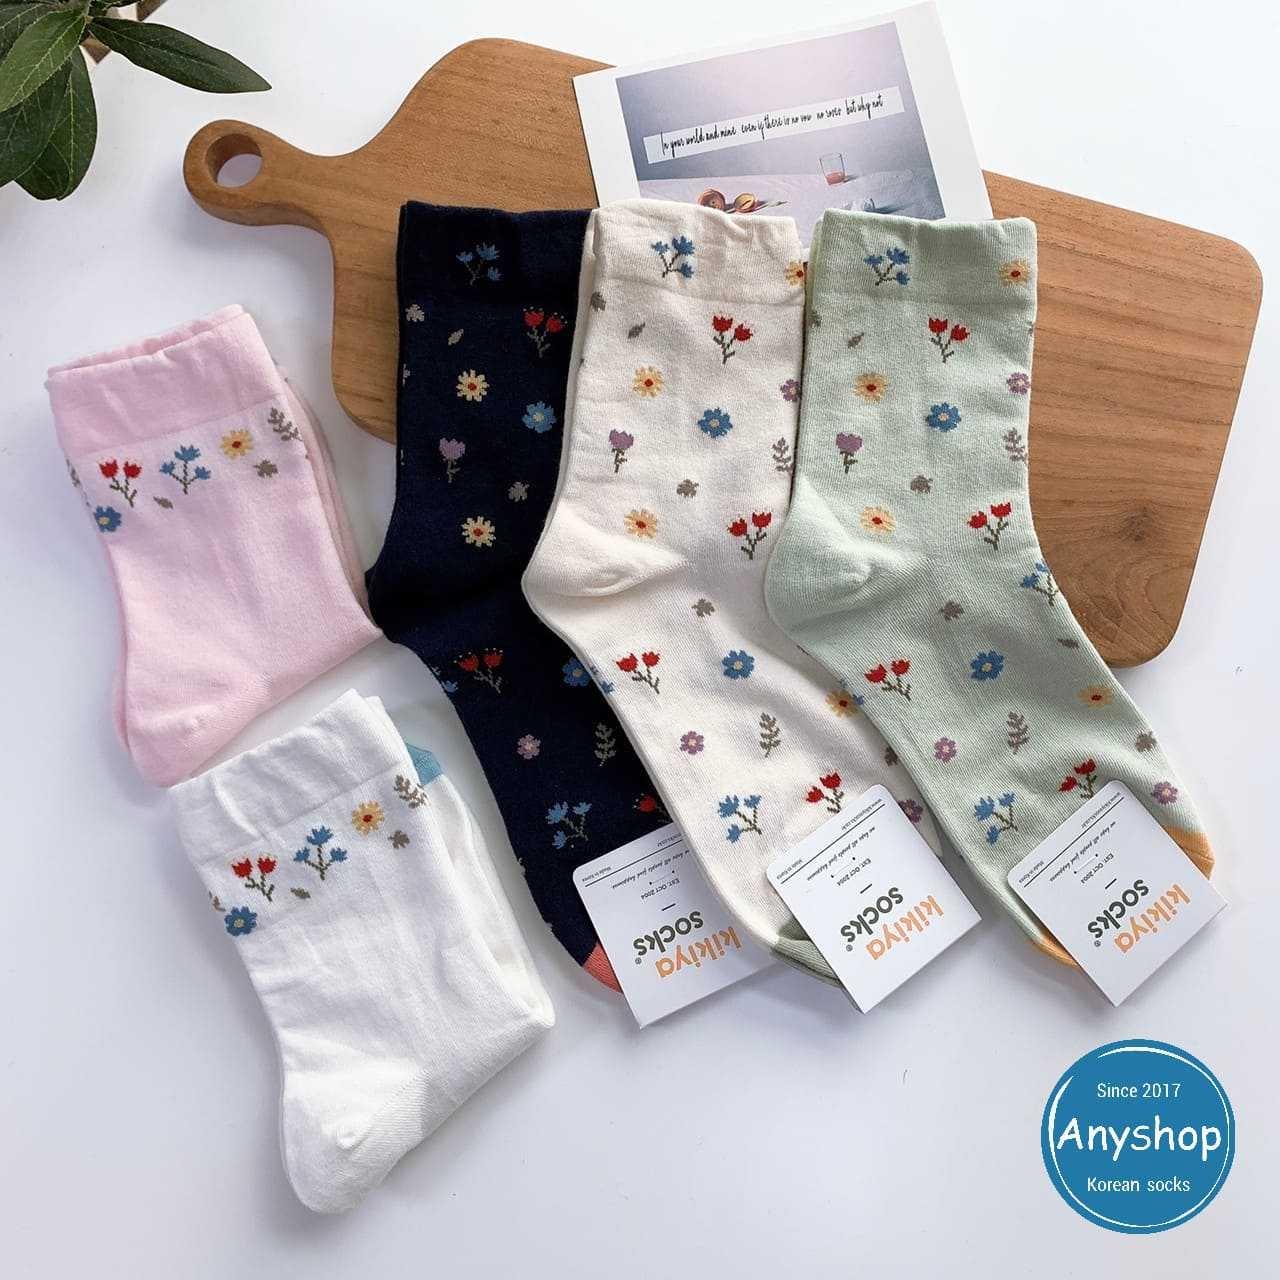 韓國襪-[Anyshop]小碎花撞色長襪